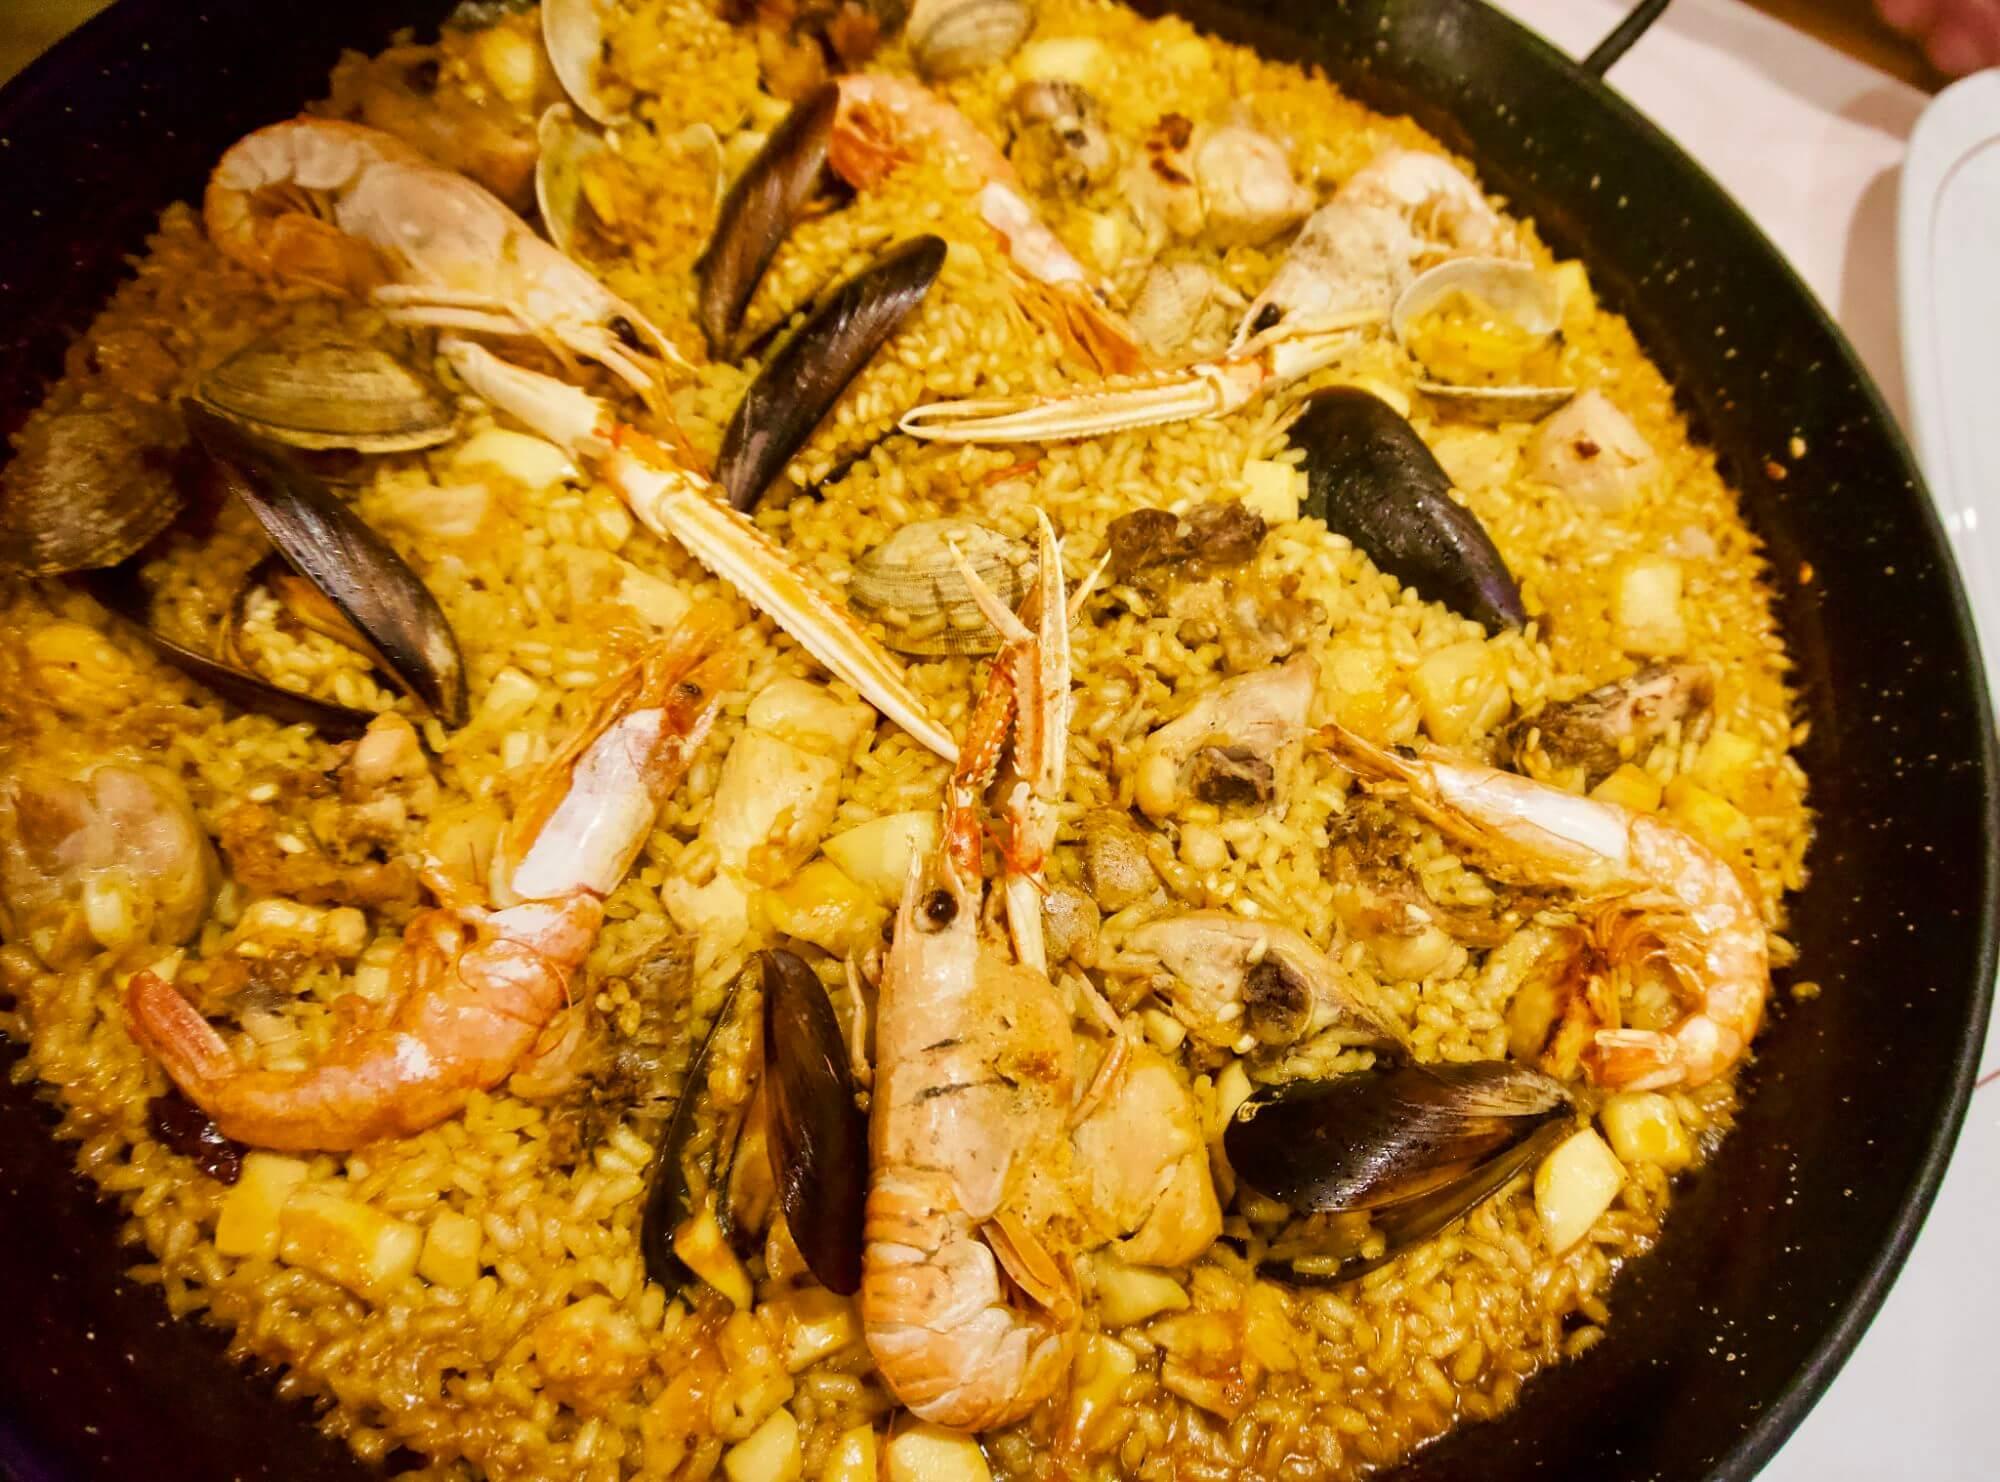 Paella from La Reina de Paella